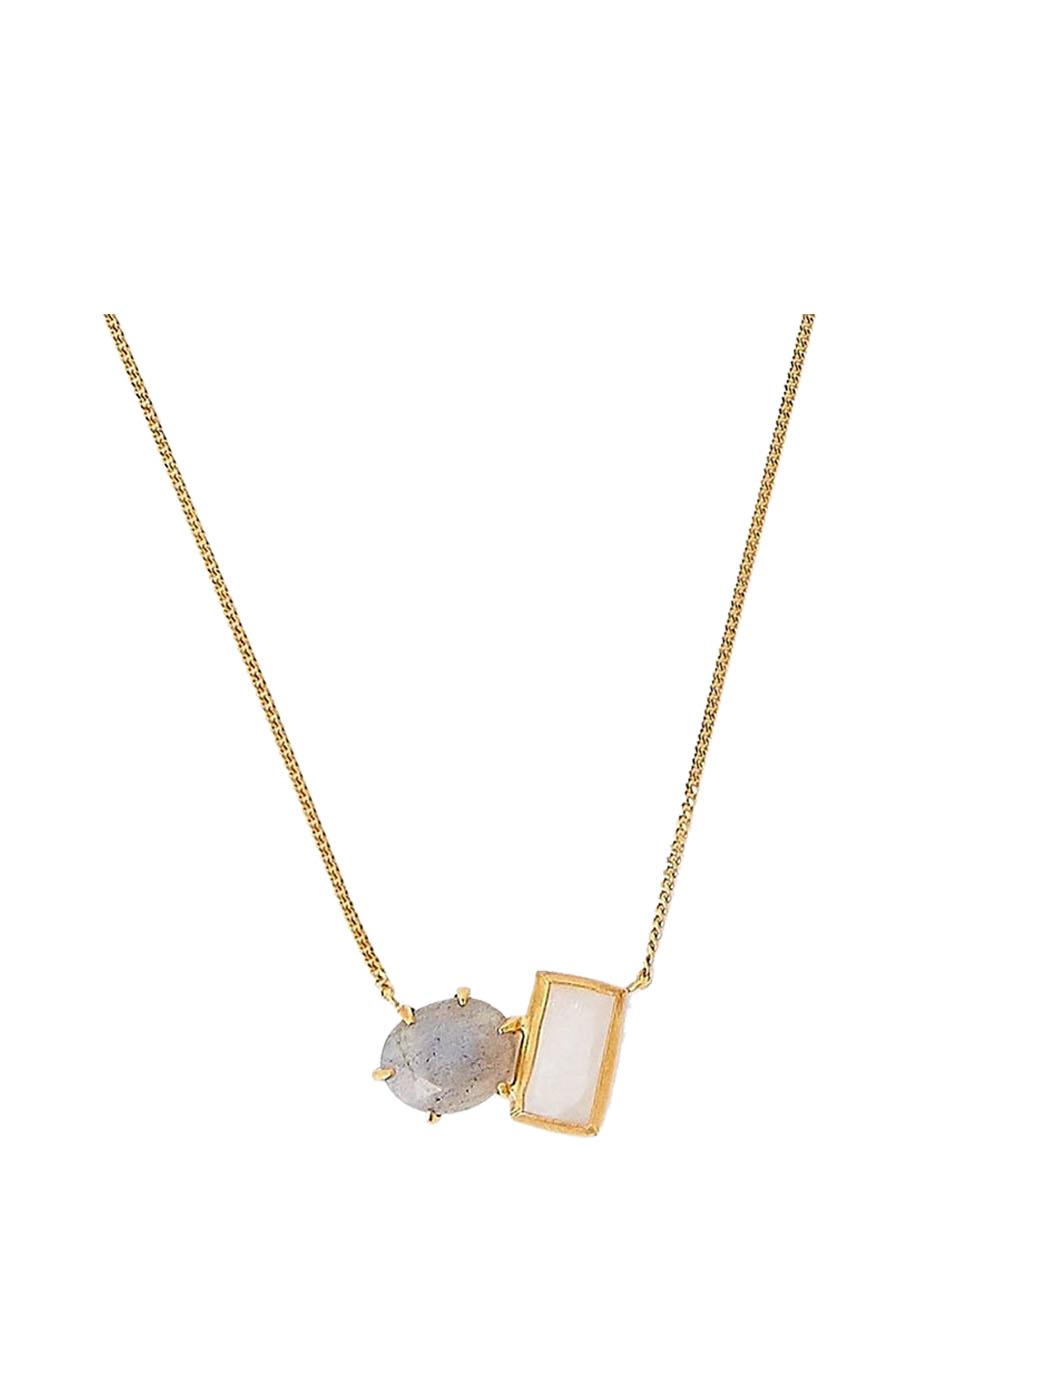 moonstone labradorite necklace 2 chan luu 1